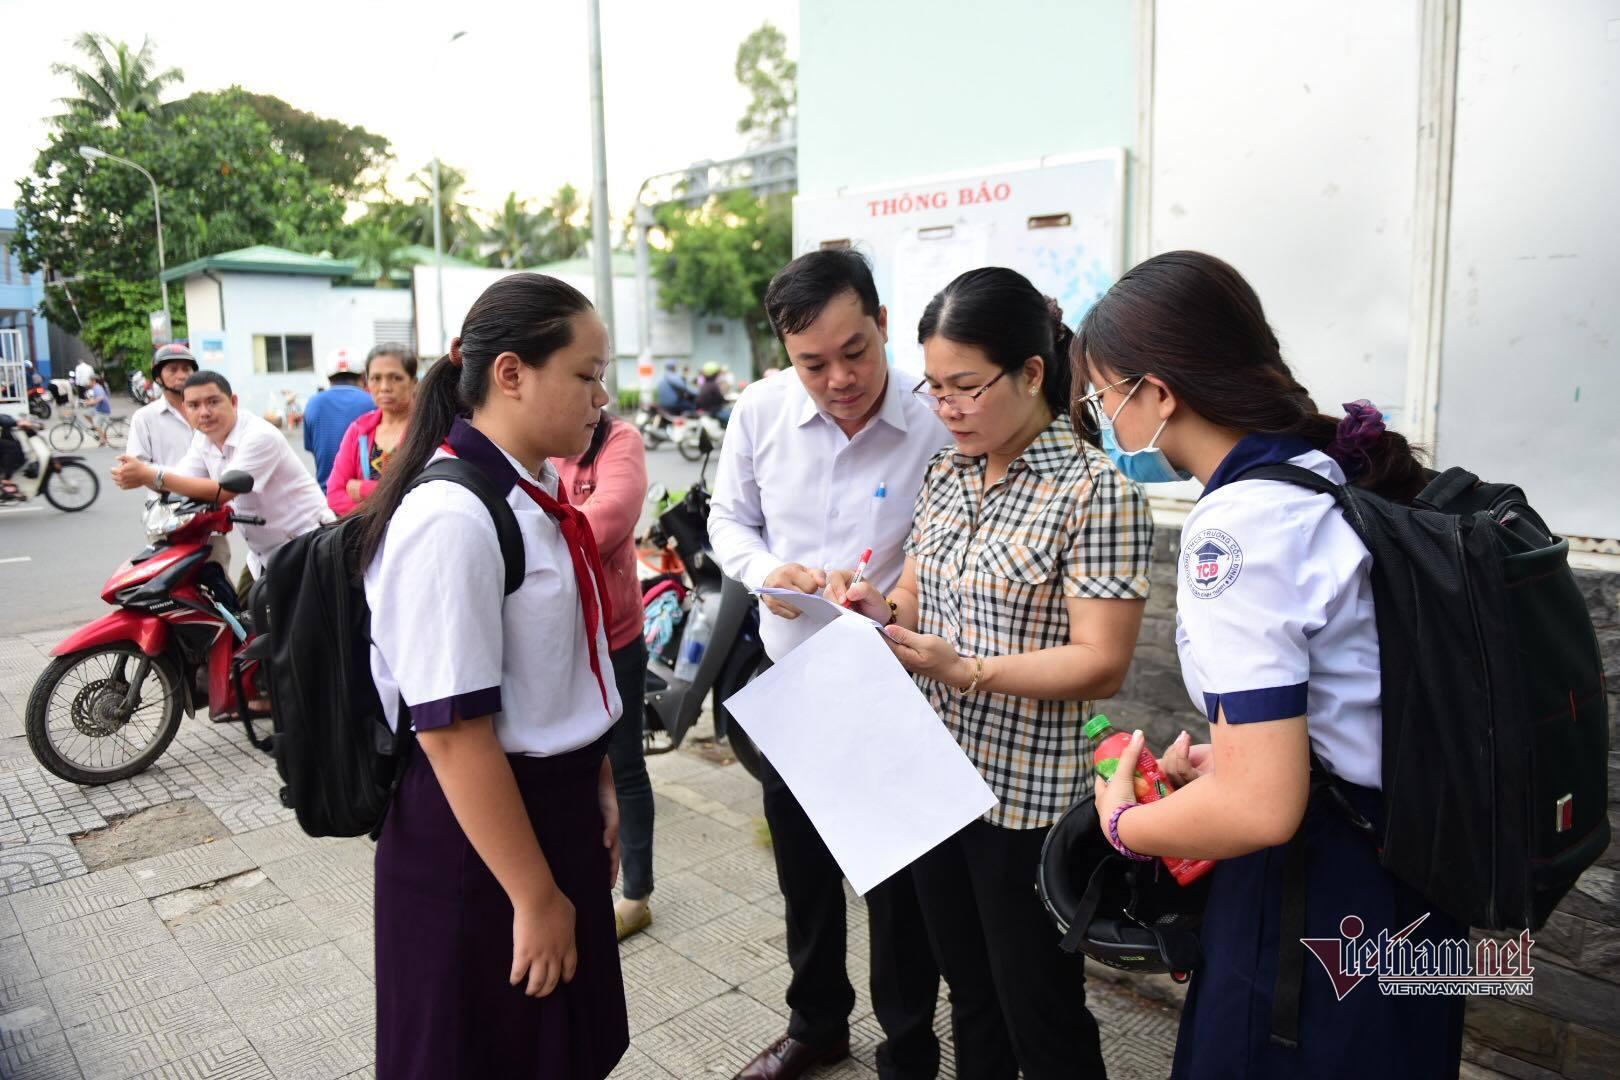 Phòng thi đặc biệt trong kỳ thi lớp 10 ở Sài Gòn